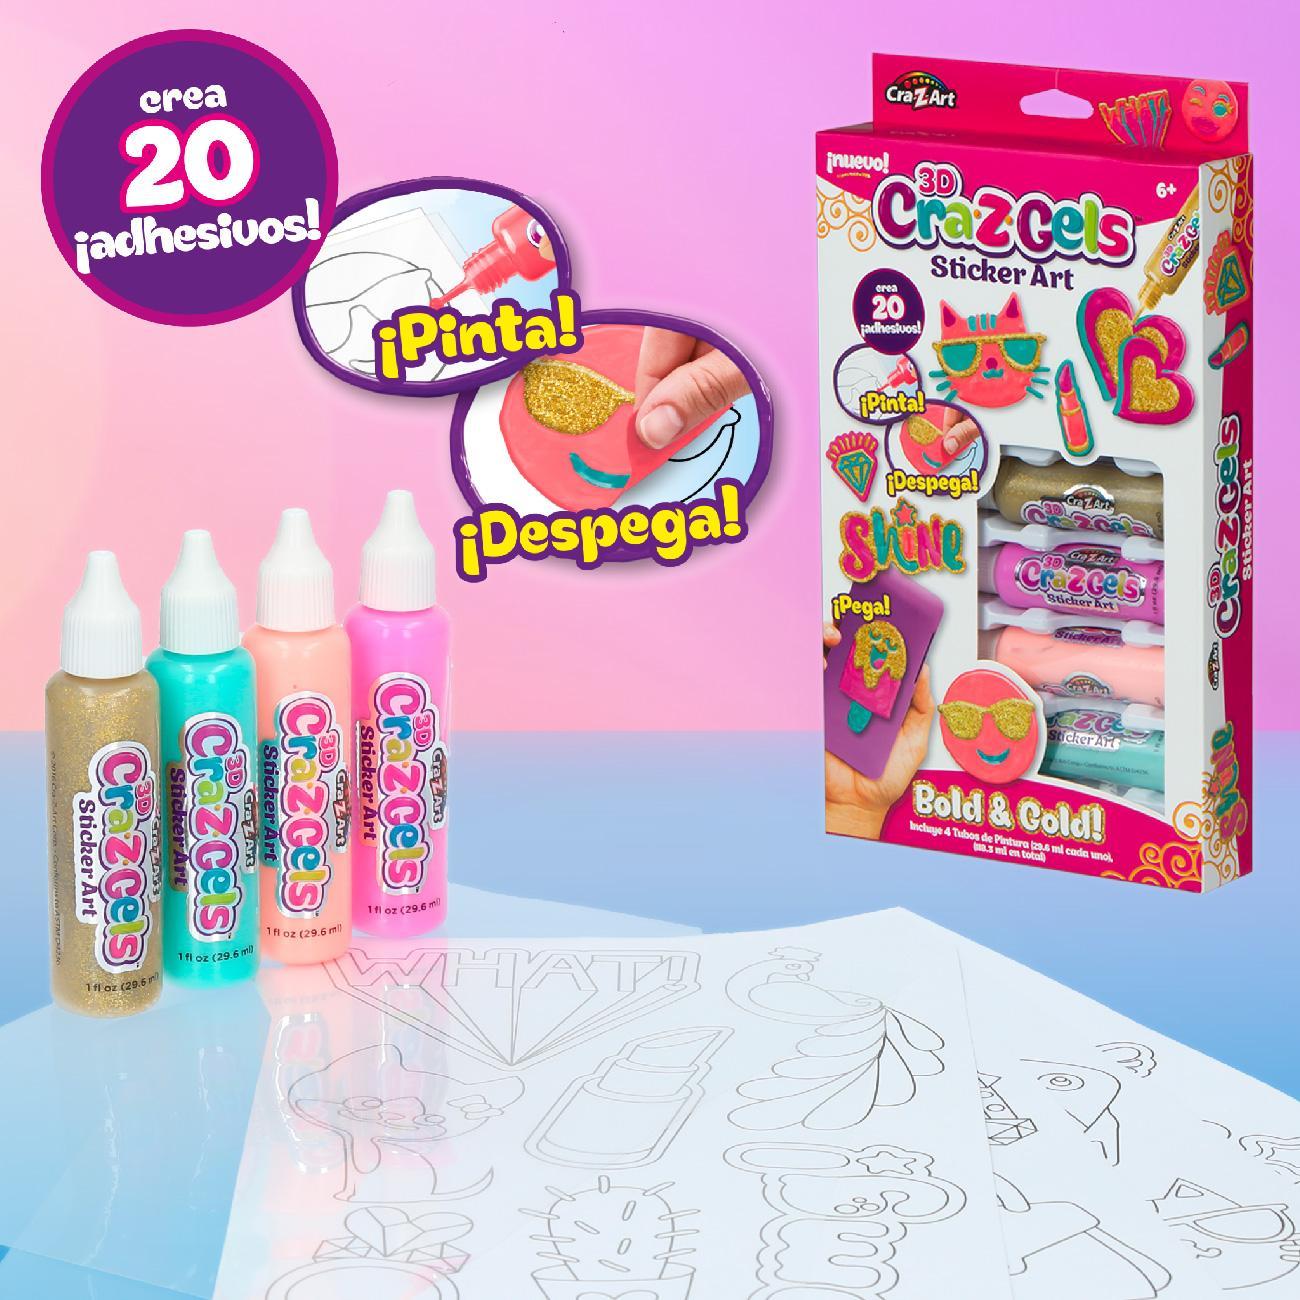 Cra-Z-Art - Geles decorativos 3D Cra(43922) , color/modelo surtido: Amazon.es: Juguetes y juegos